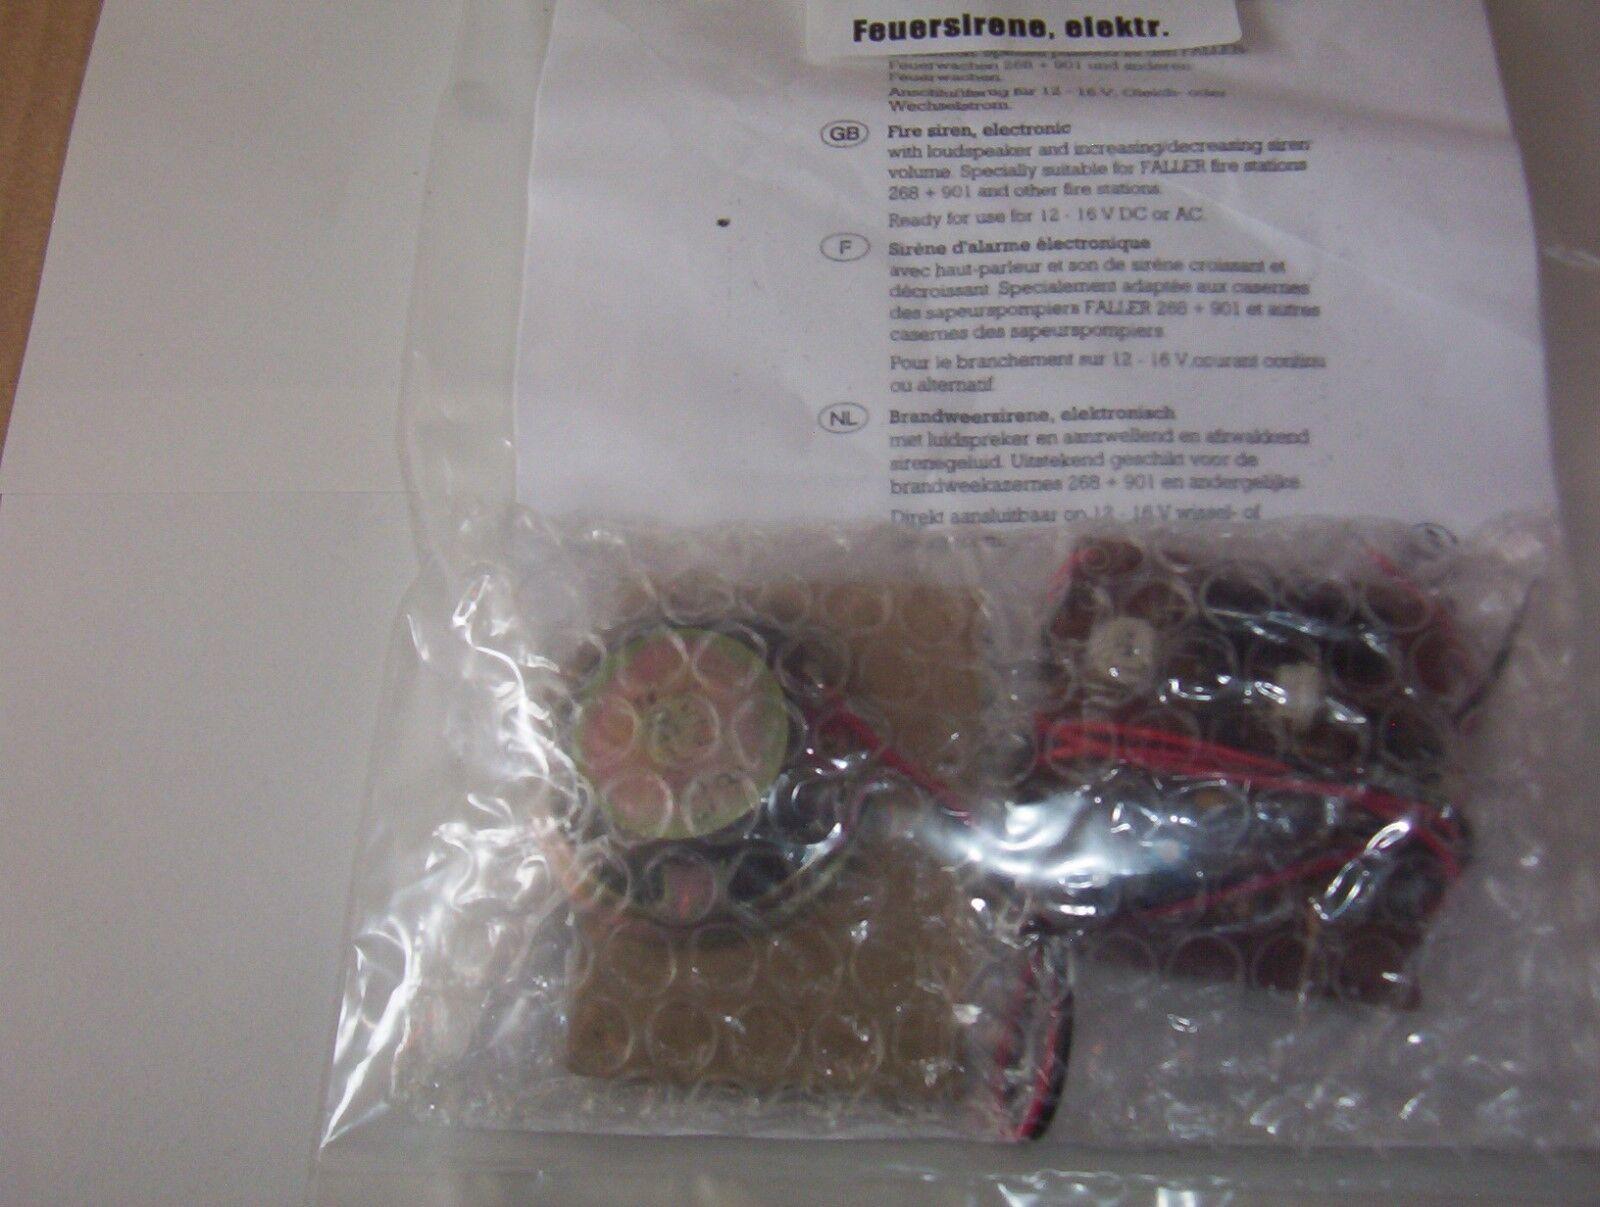 Faller 180637 Feuersirene  | Hochwertige Produkte  Produkte  Produkte  b46870